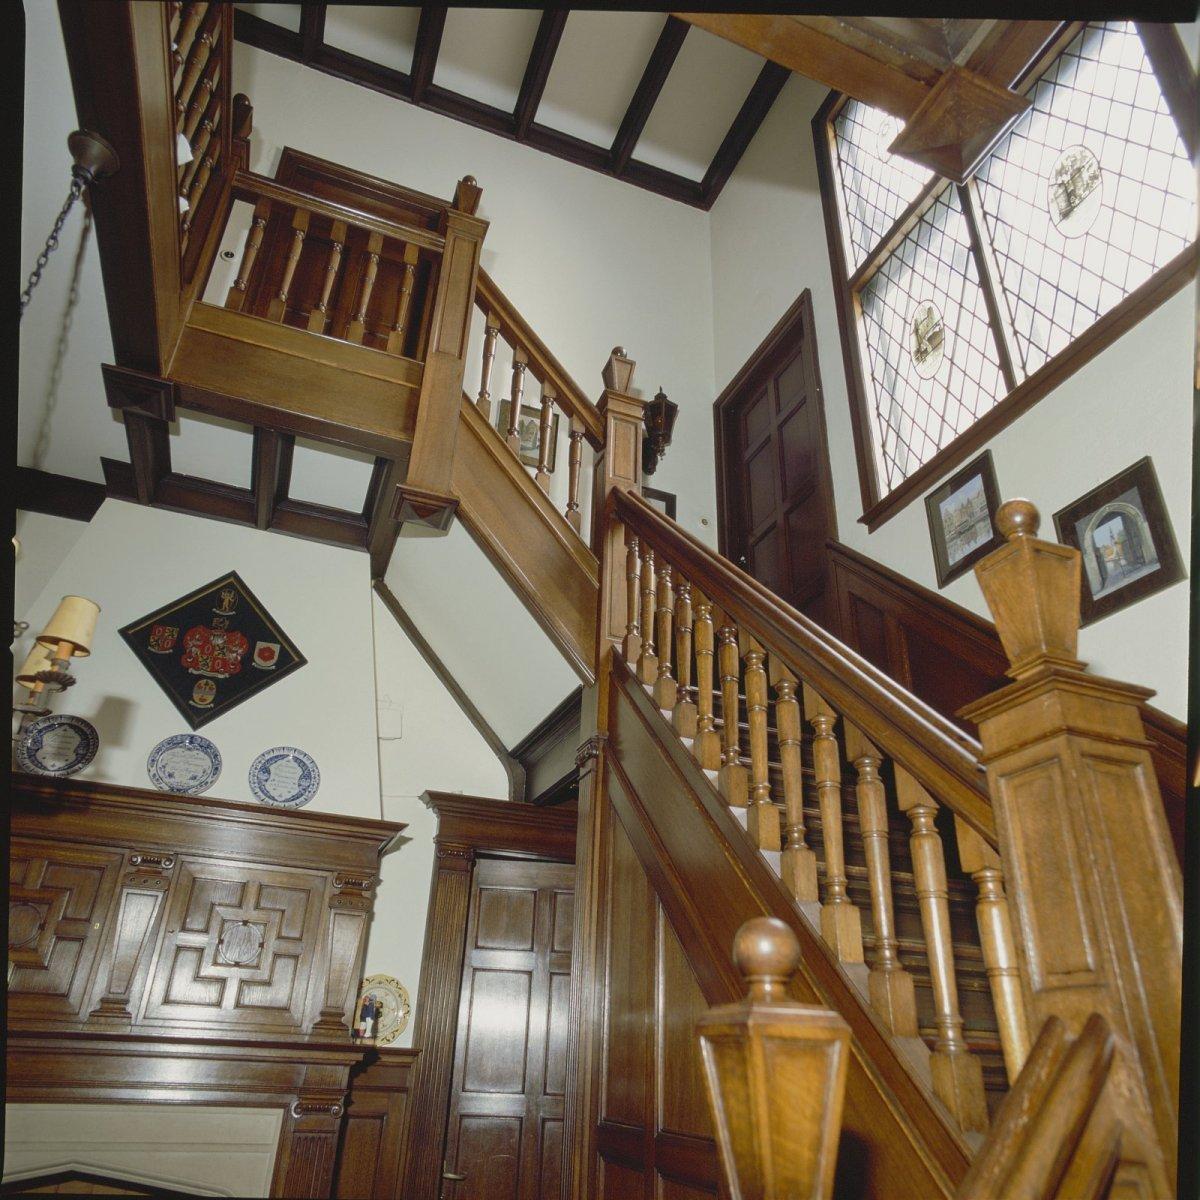 File interieur trap overzicht met houten afwerking overveen 20428447 wikimedia - Interieur houten trap ...